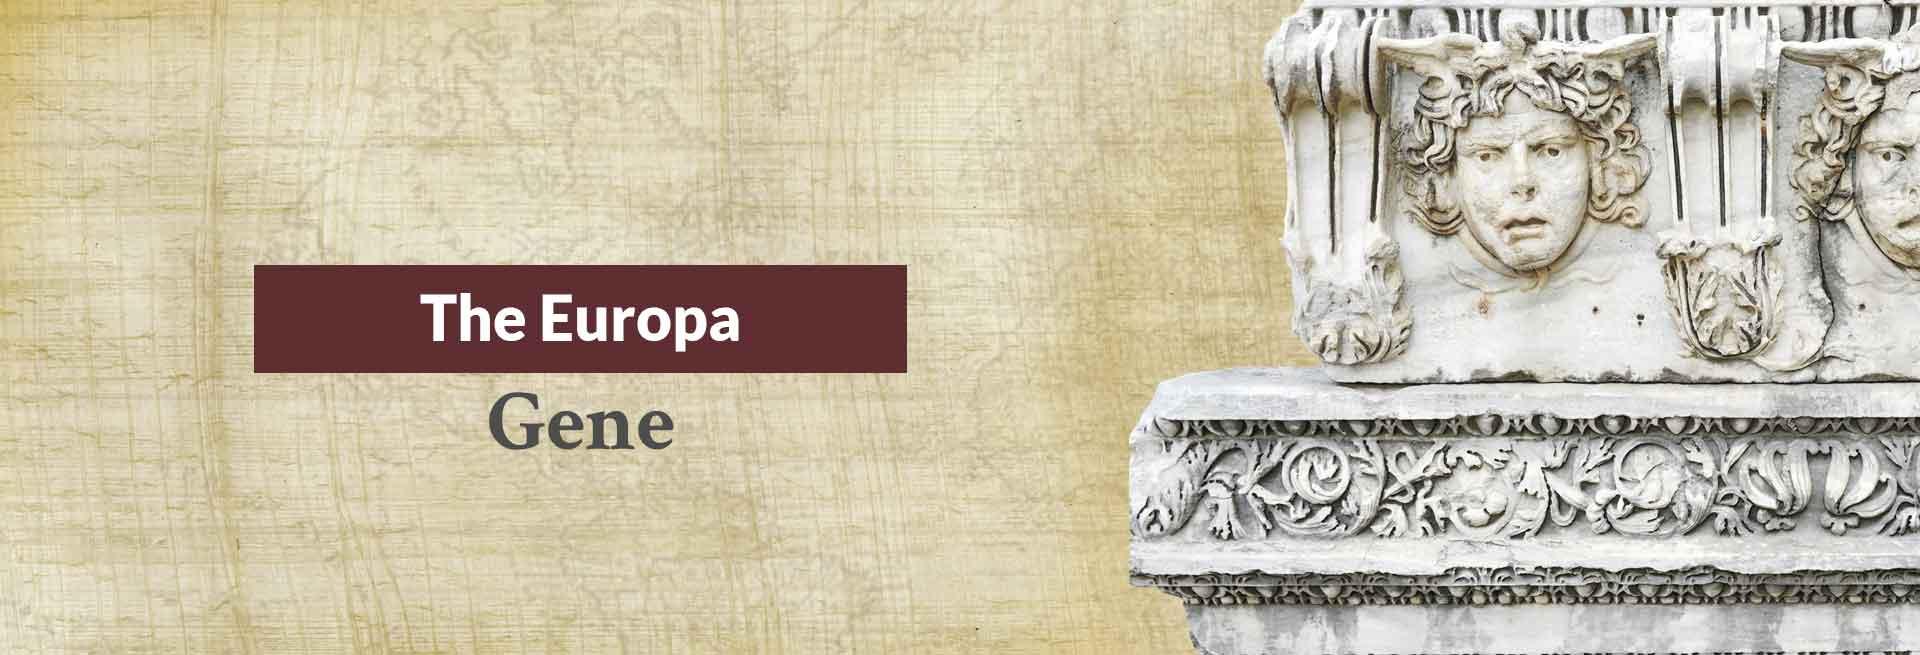 The Europa Gene Banner